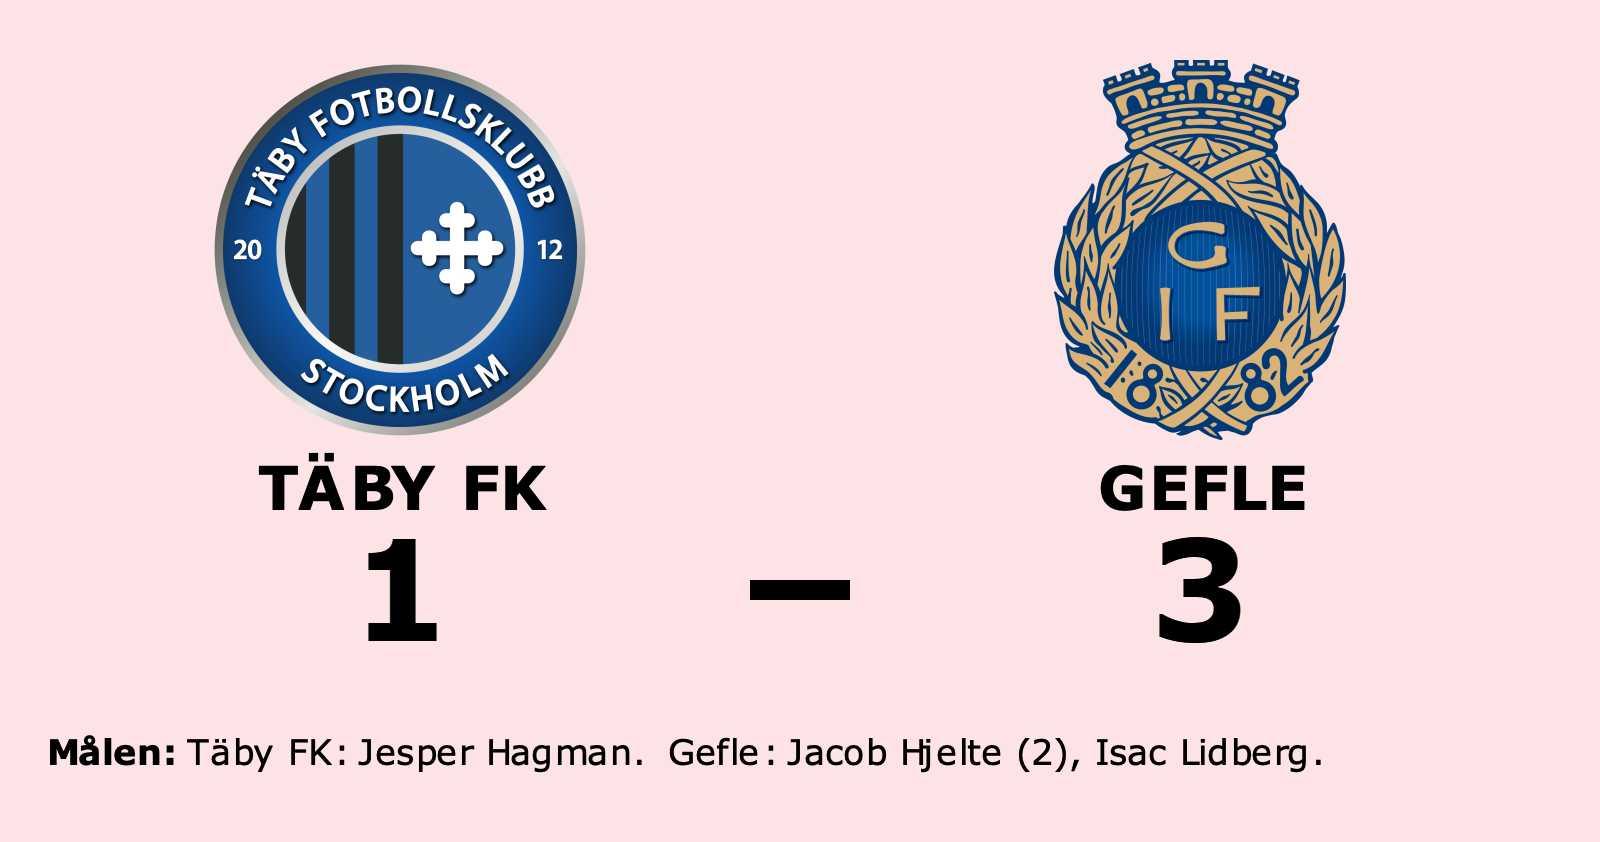 Jesper Hagman enda målskytt när Täby FK föll